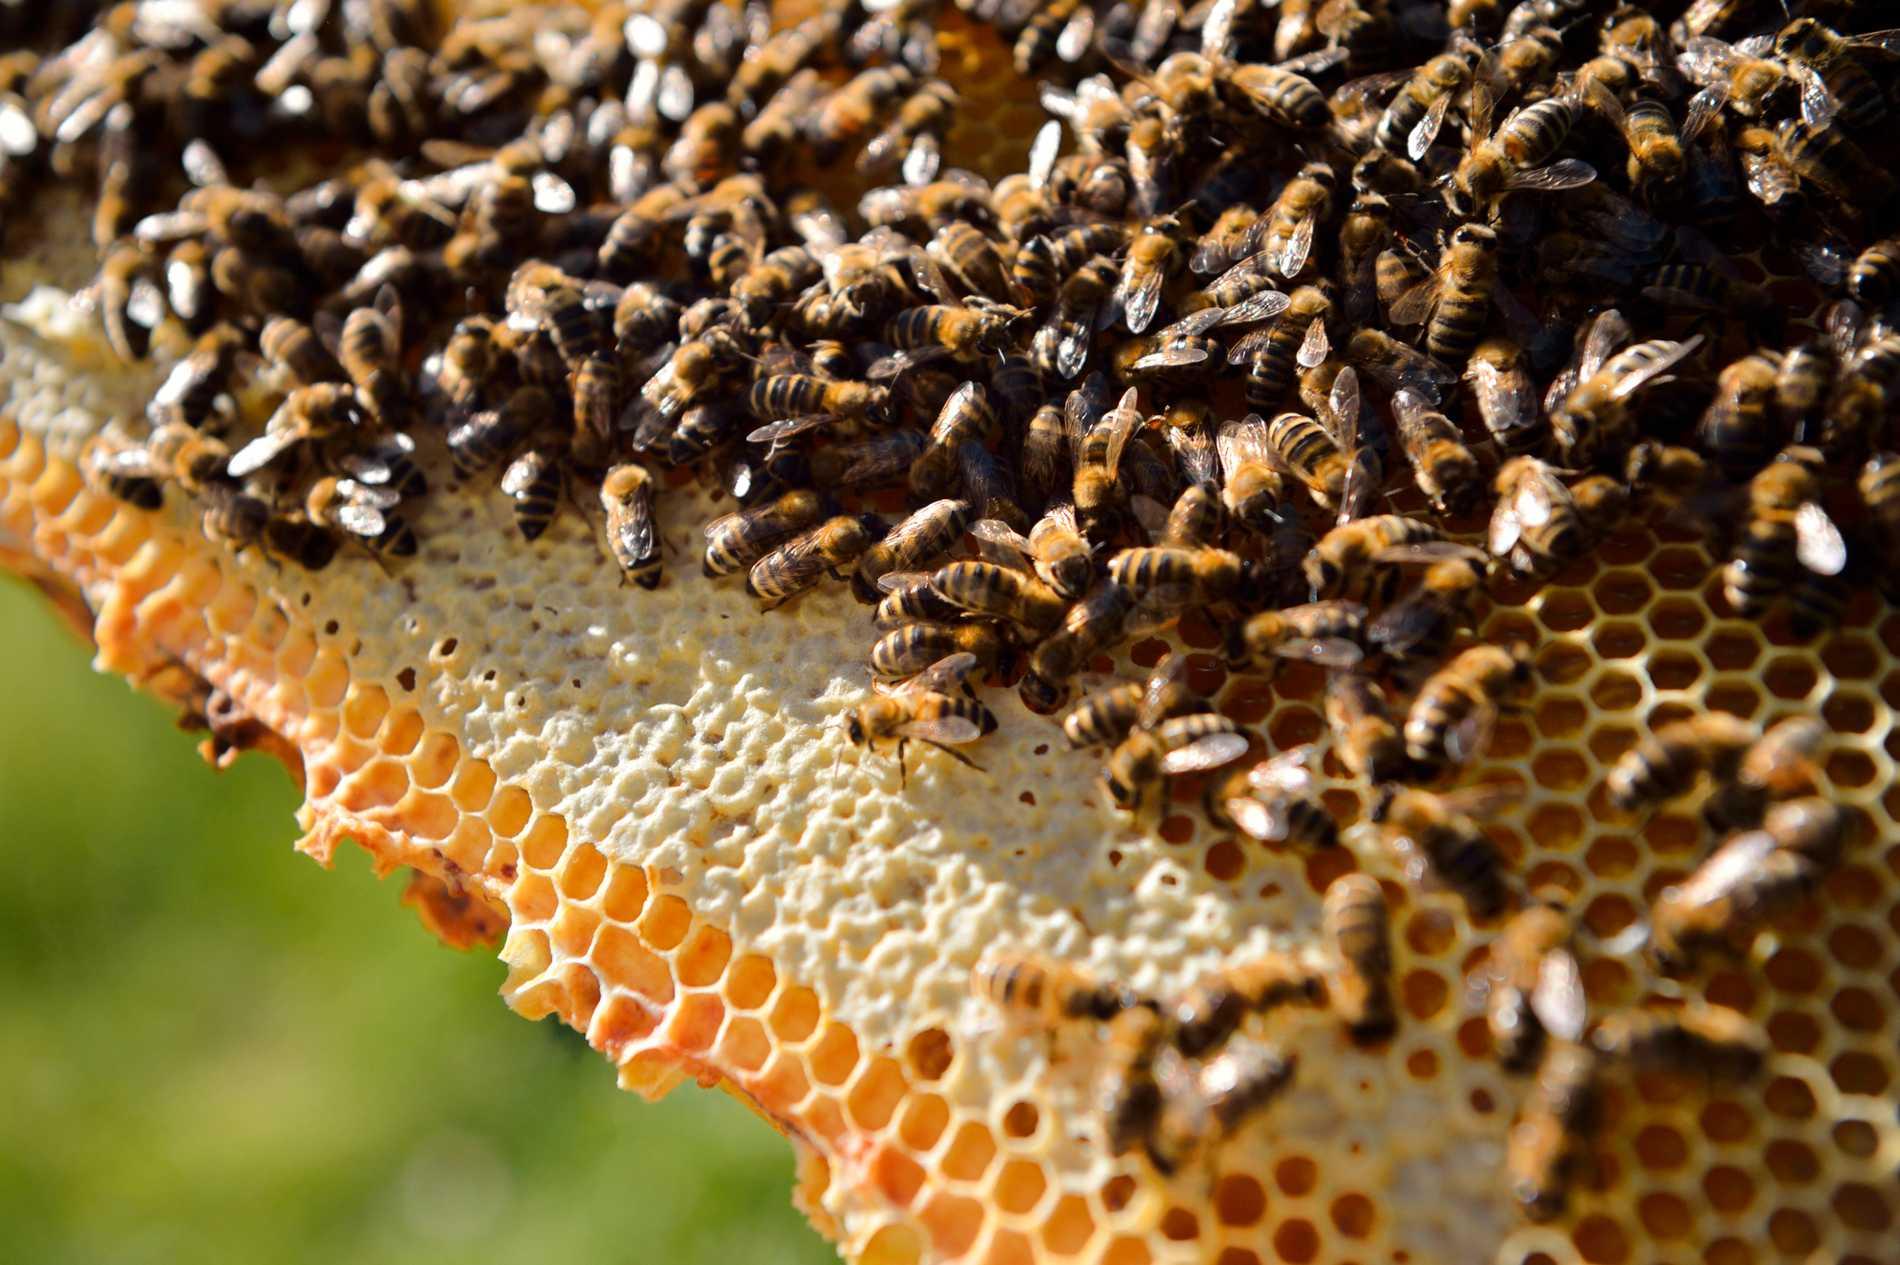 Honungsbin kan lära sig addition och subtraktion, enligt en ny australisk rapport. Arkivbild.